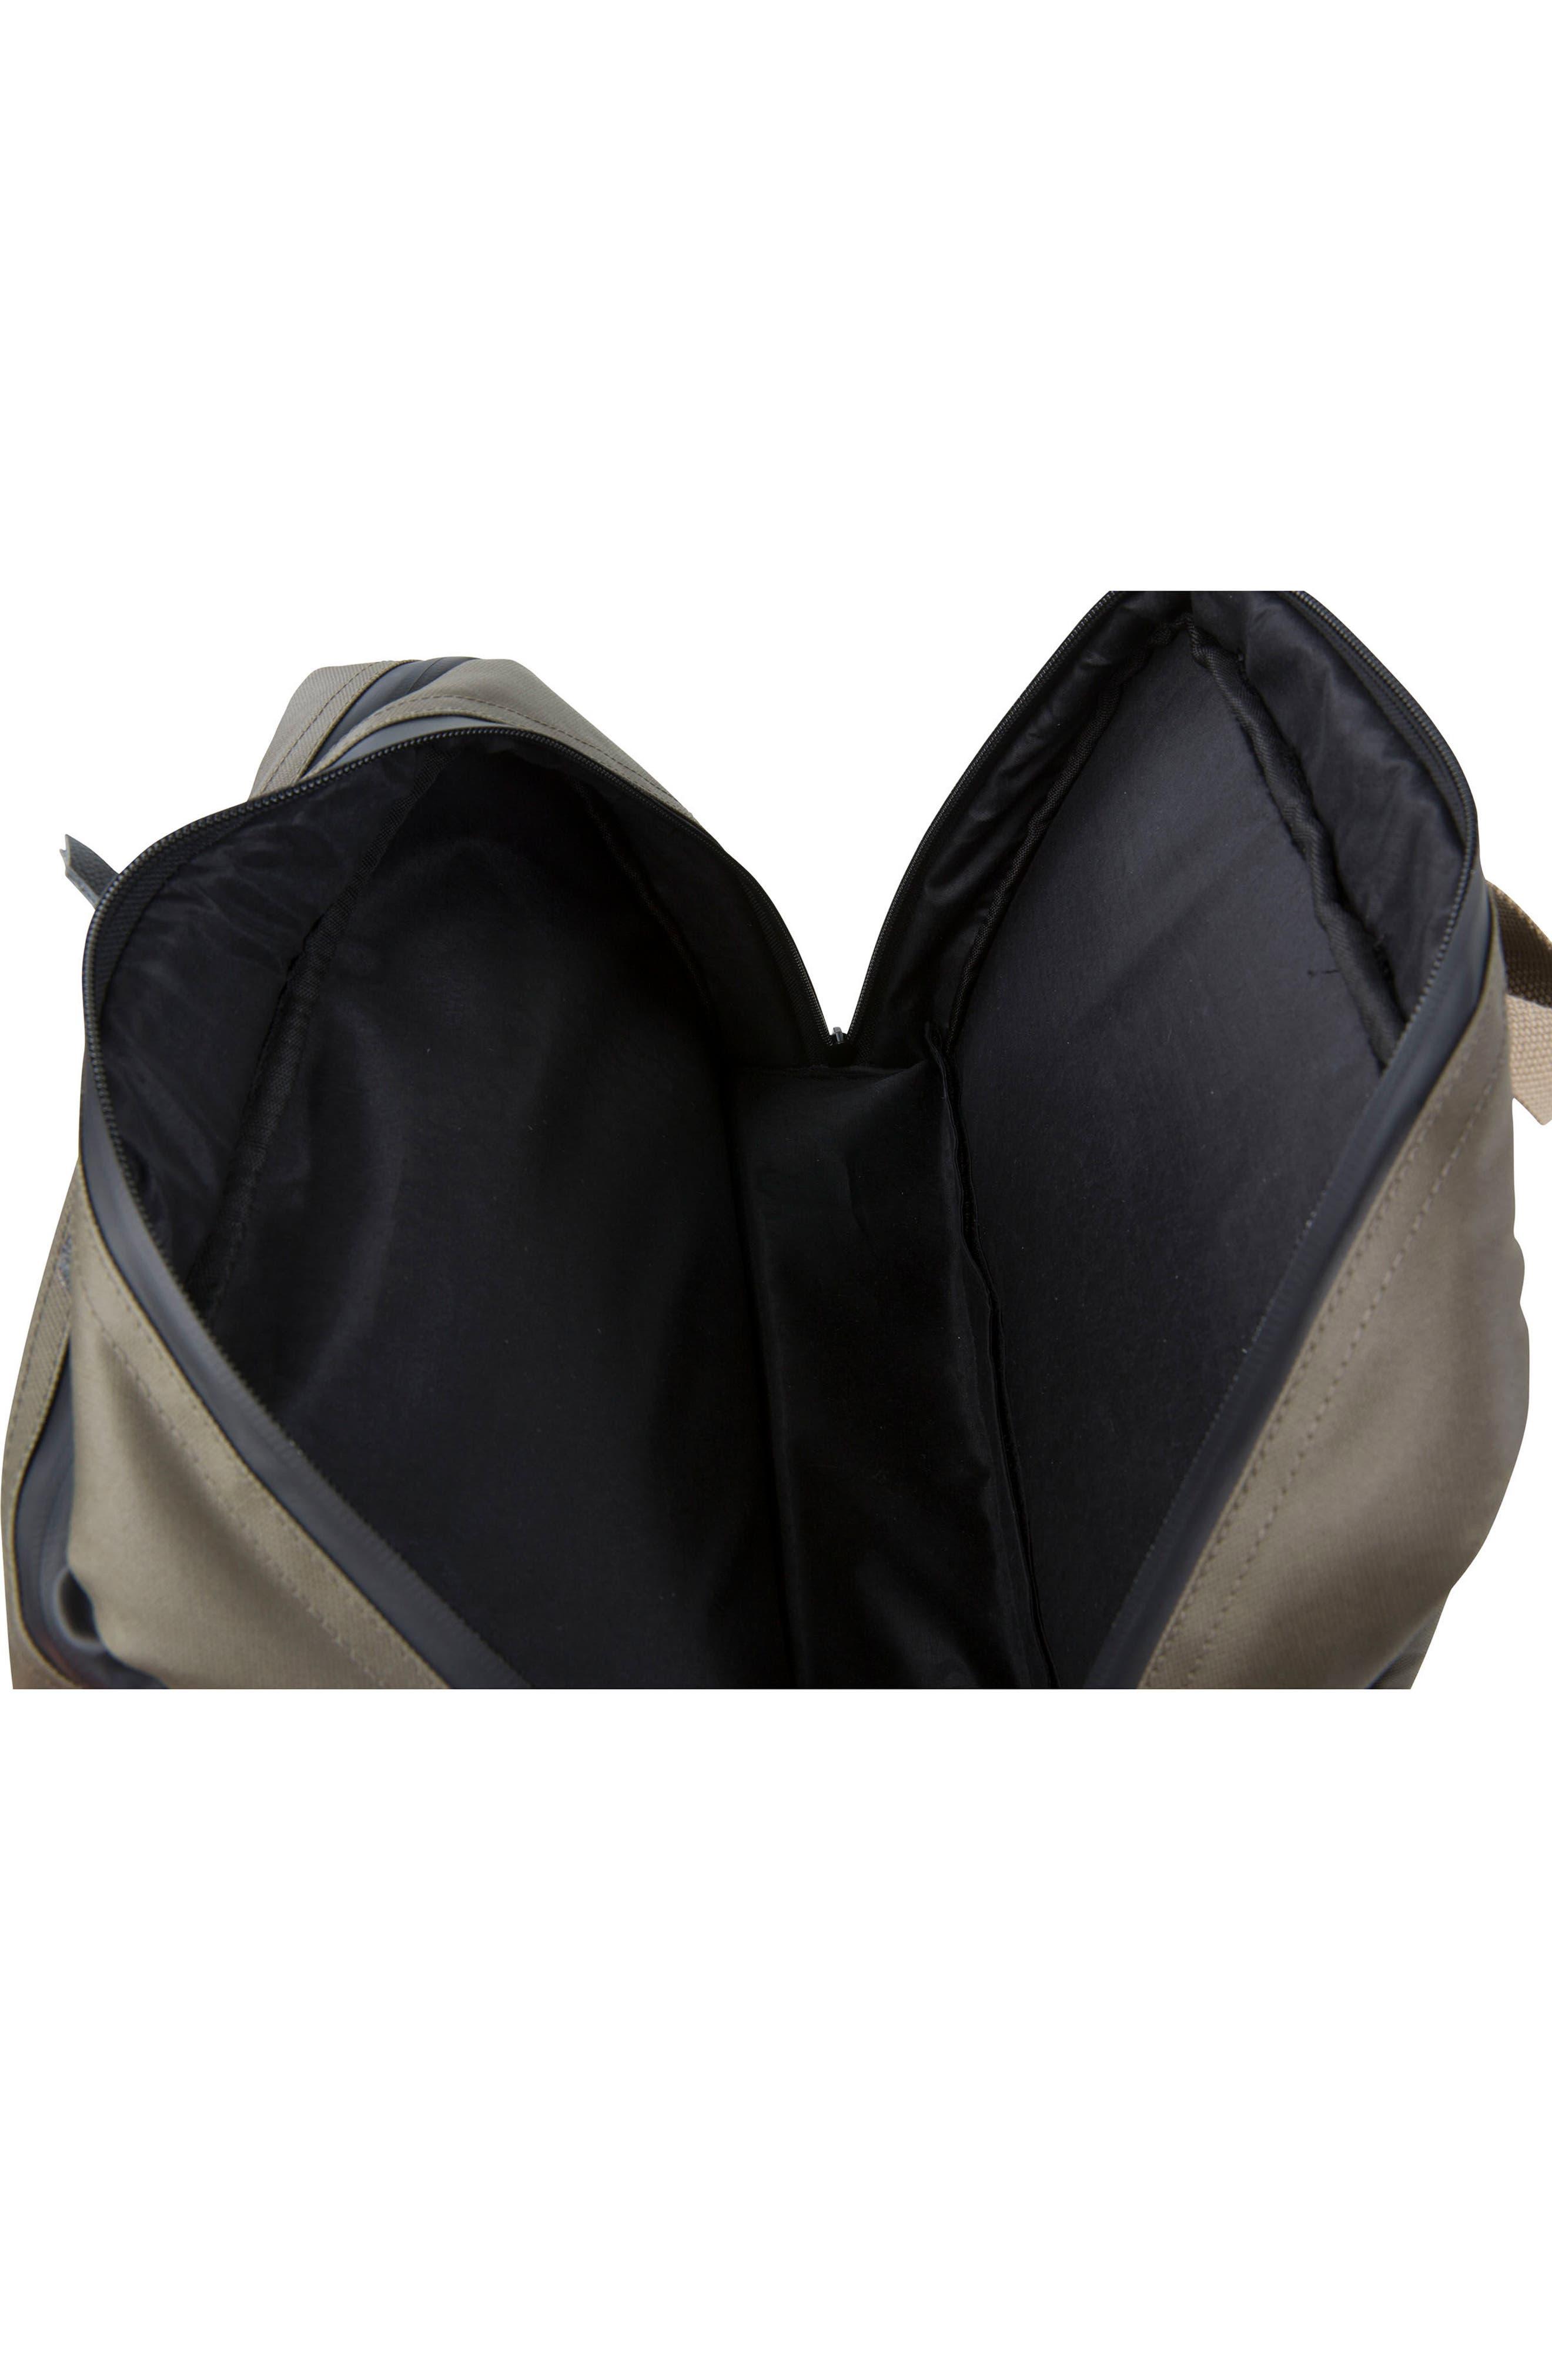 Sneaker Backpack,                             Alternate thumbnail 7, color,                             350